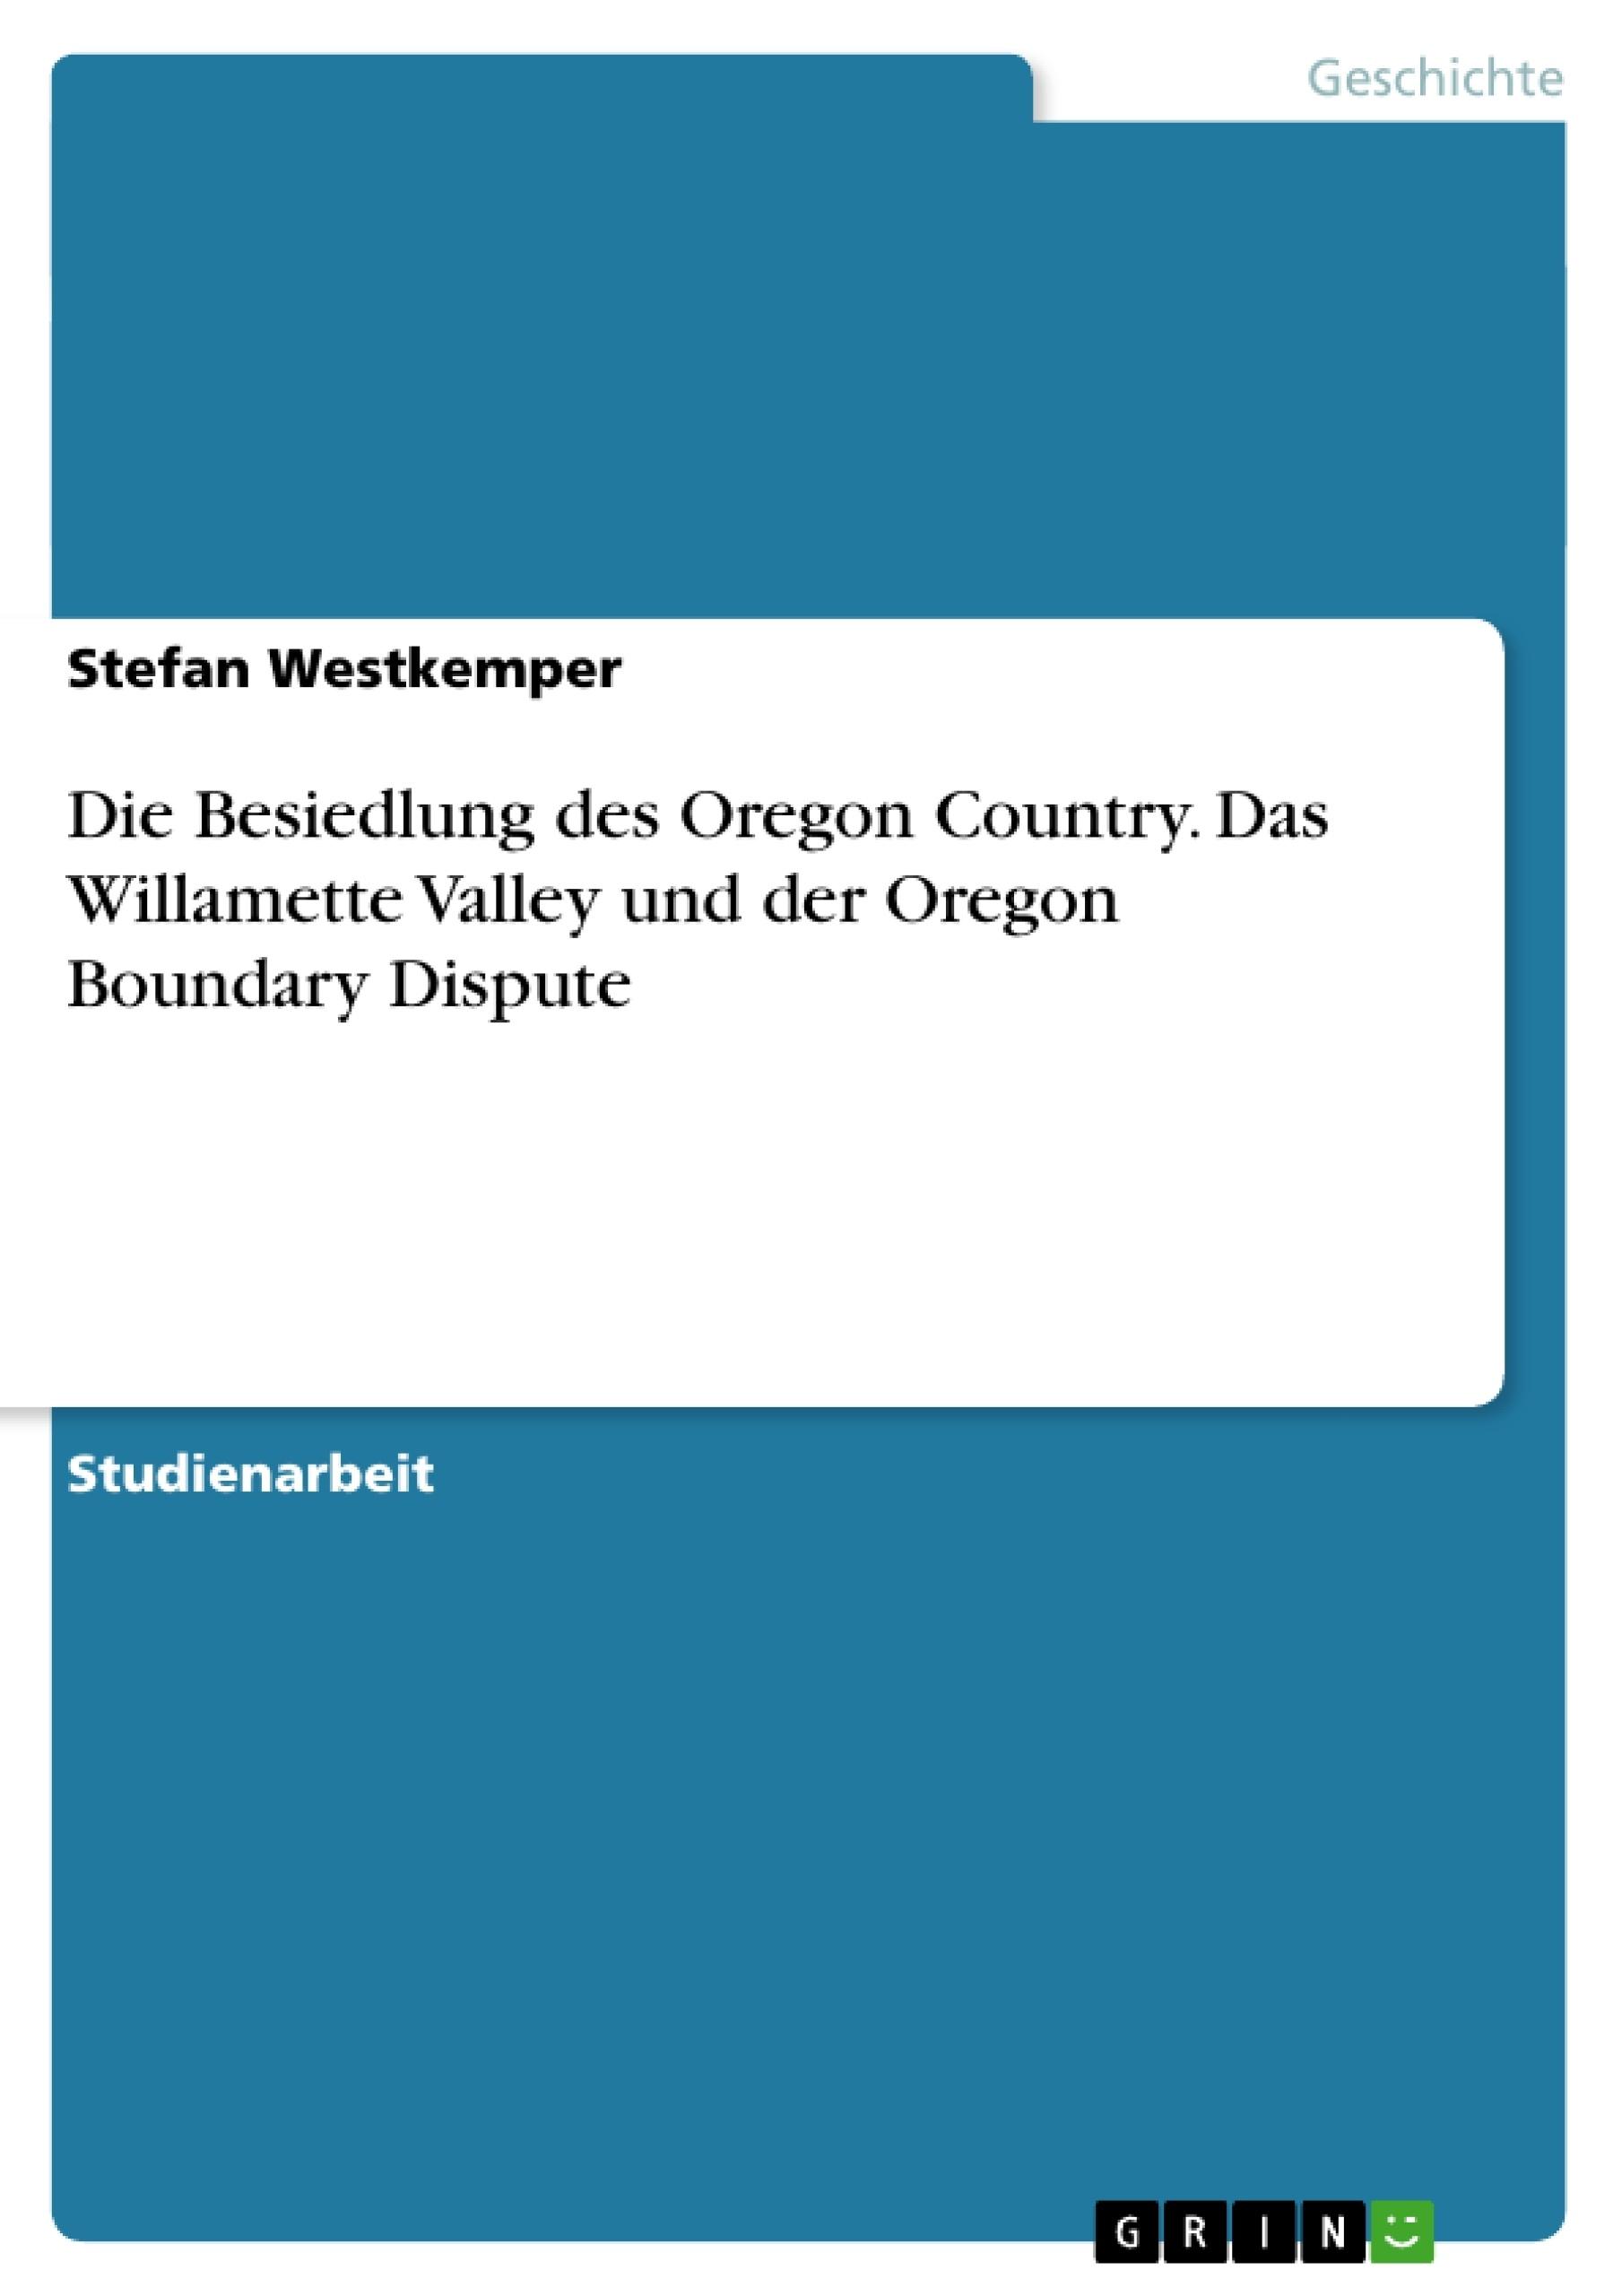 Titel: Die Besiedlung des Oregon Country. Das Willamette Valley und der Oregon Boundary Dispute